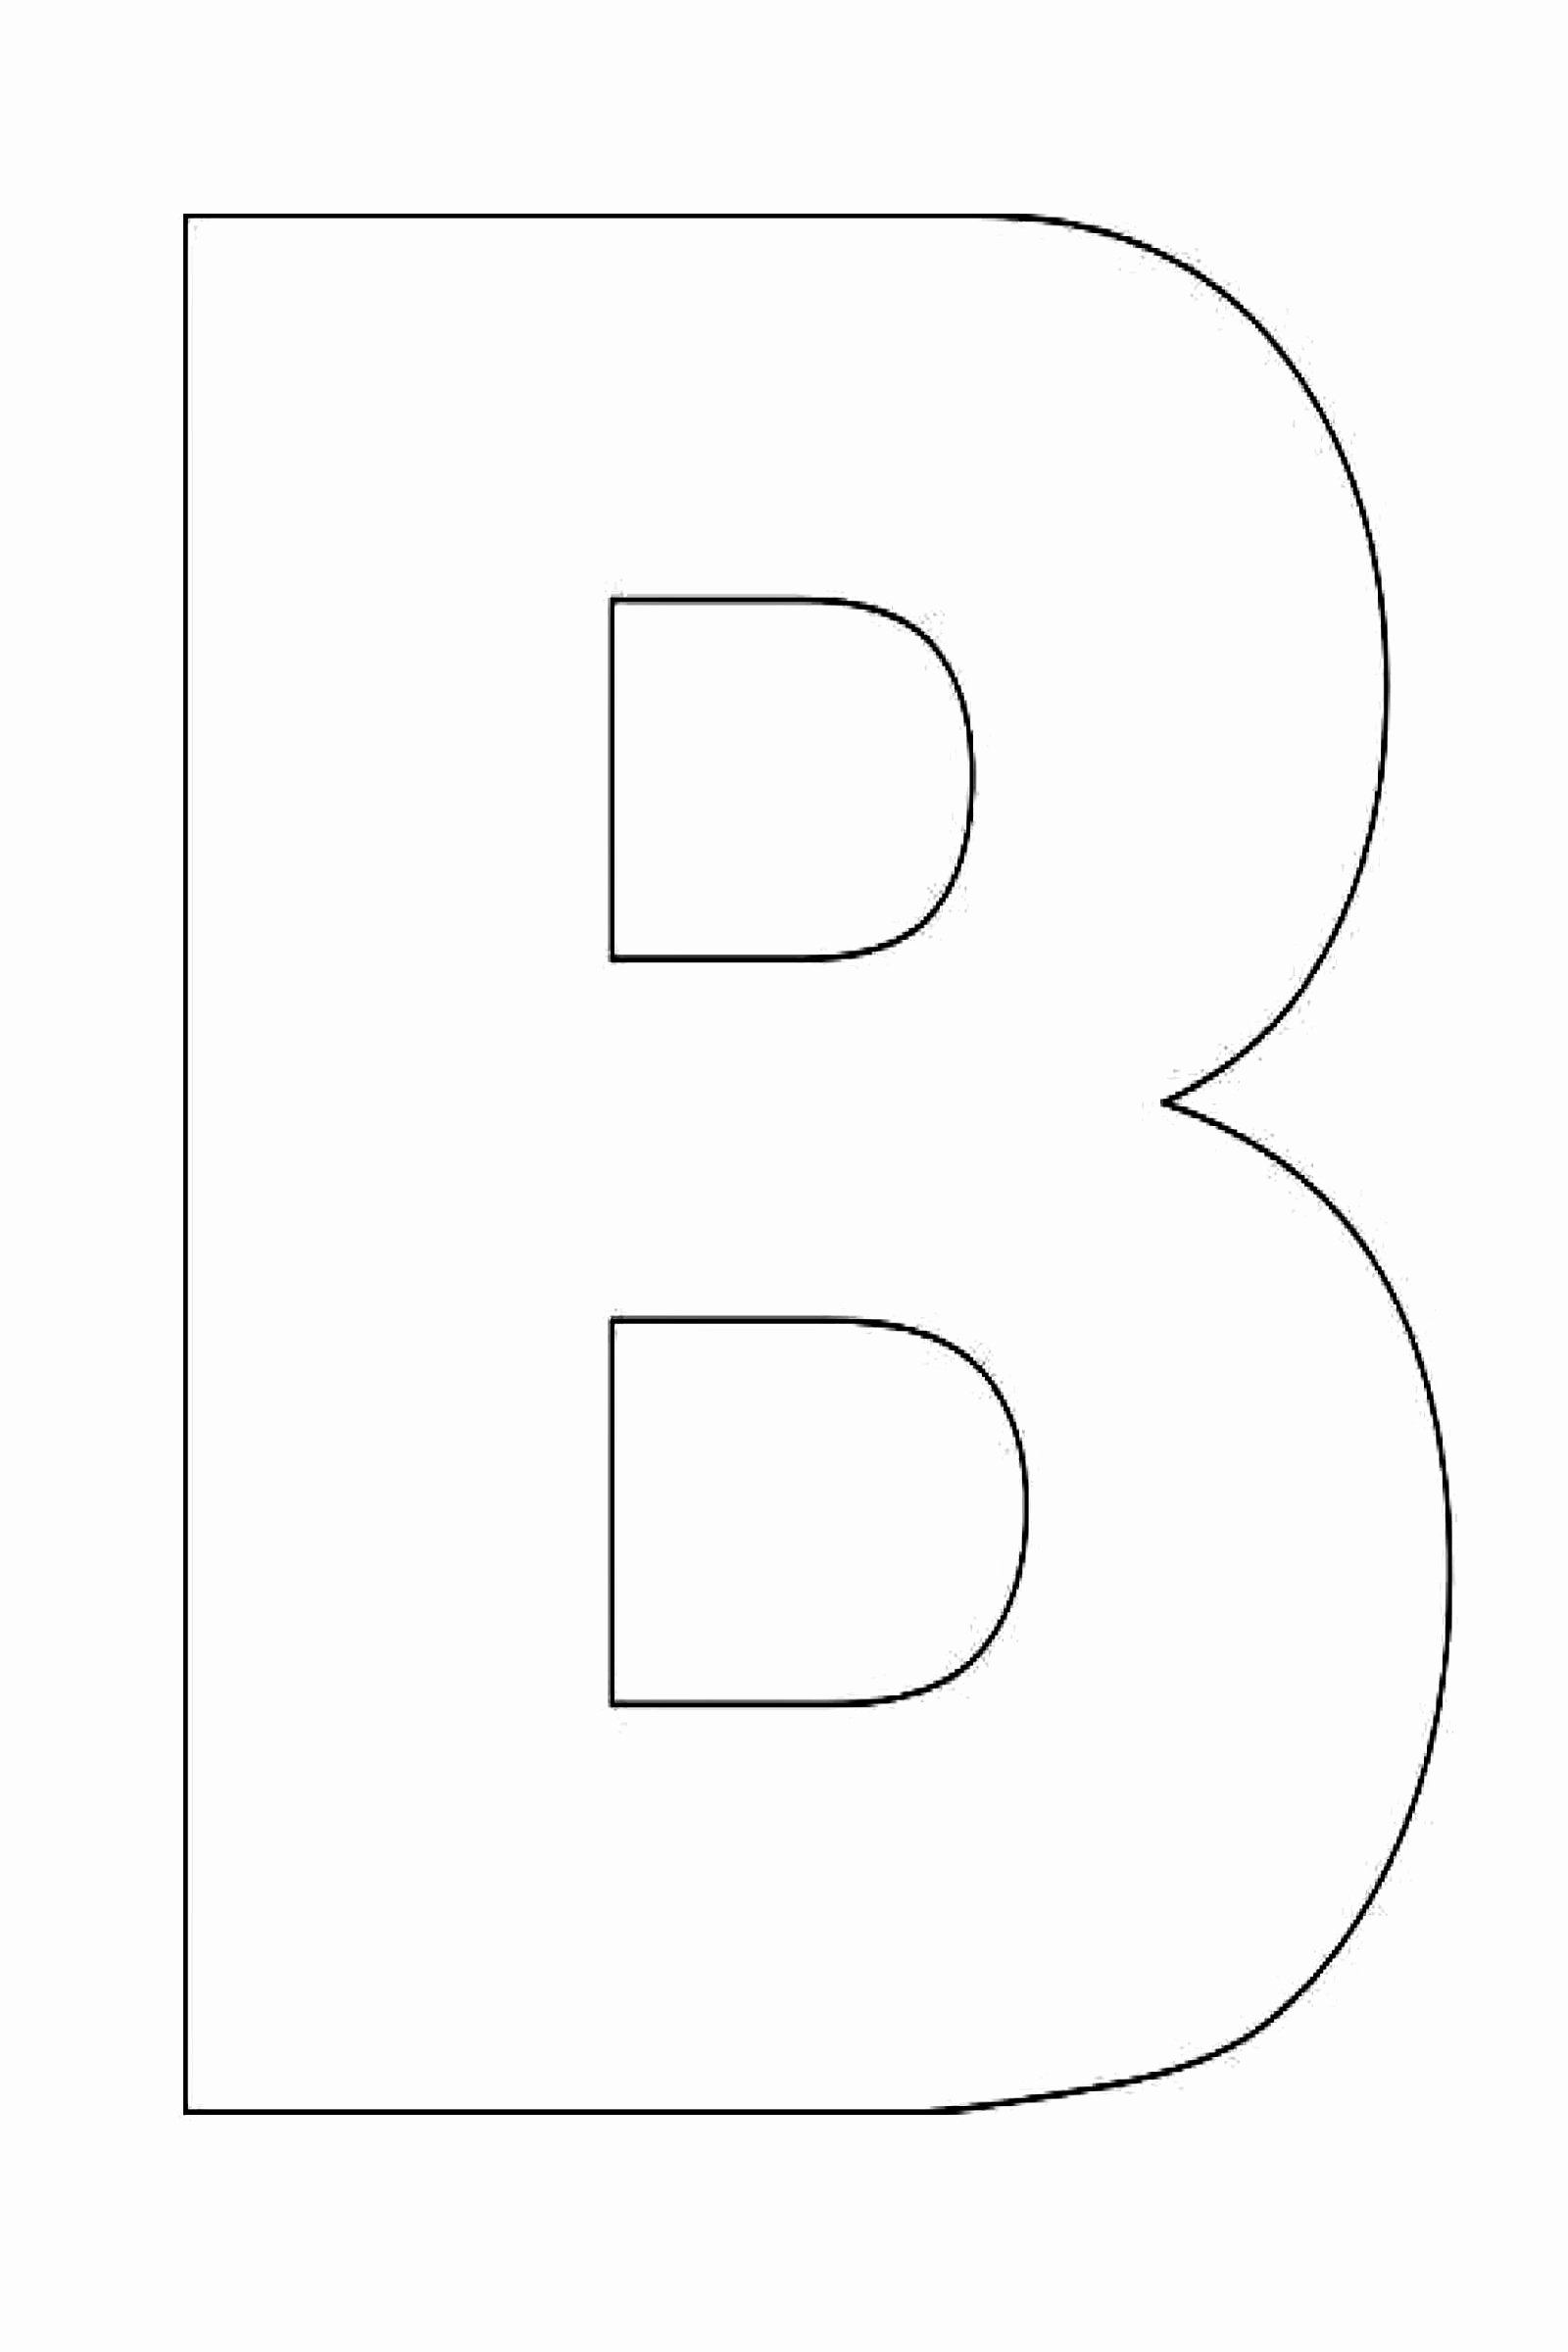 Alphabet Letter B Template for Kids